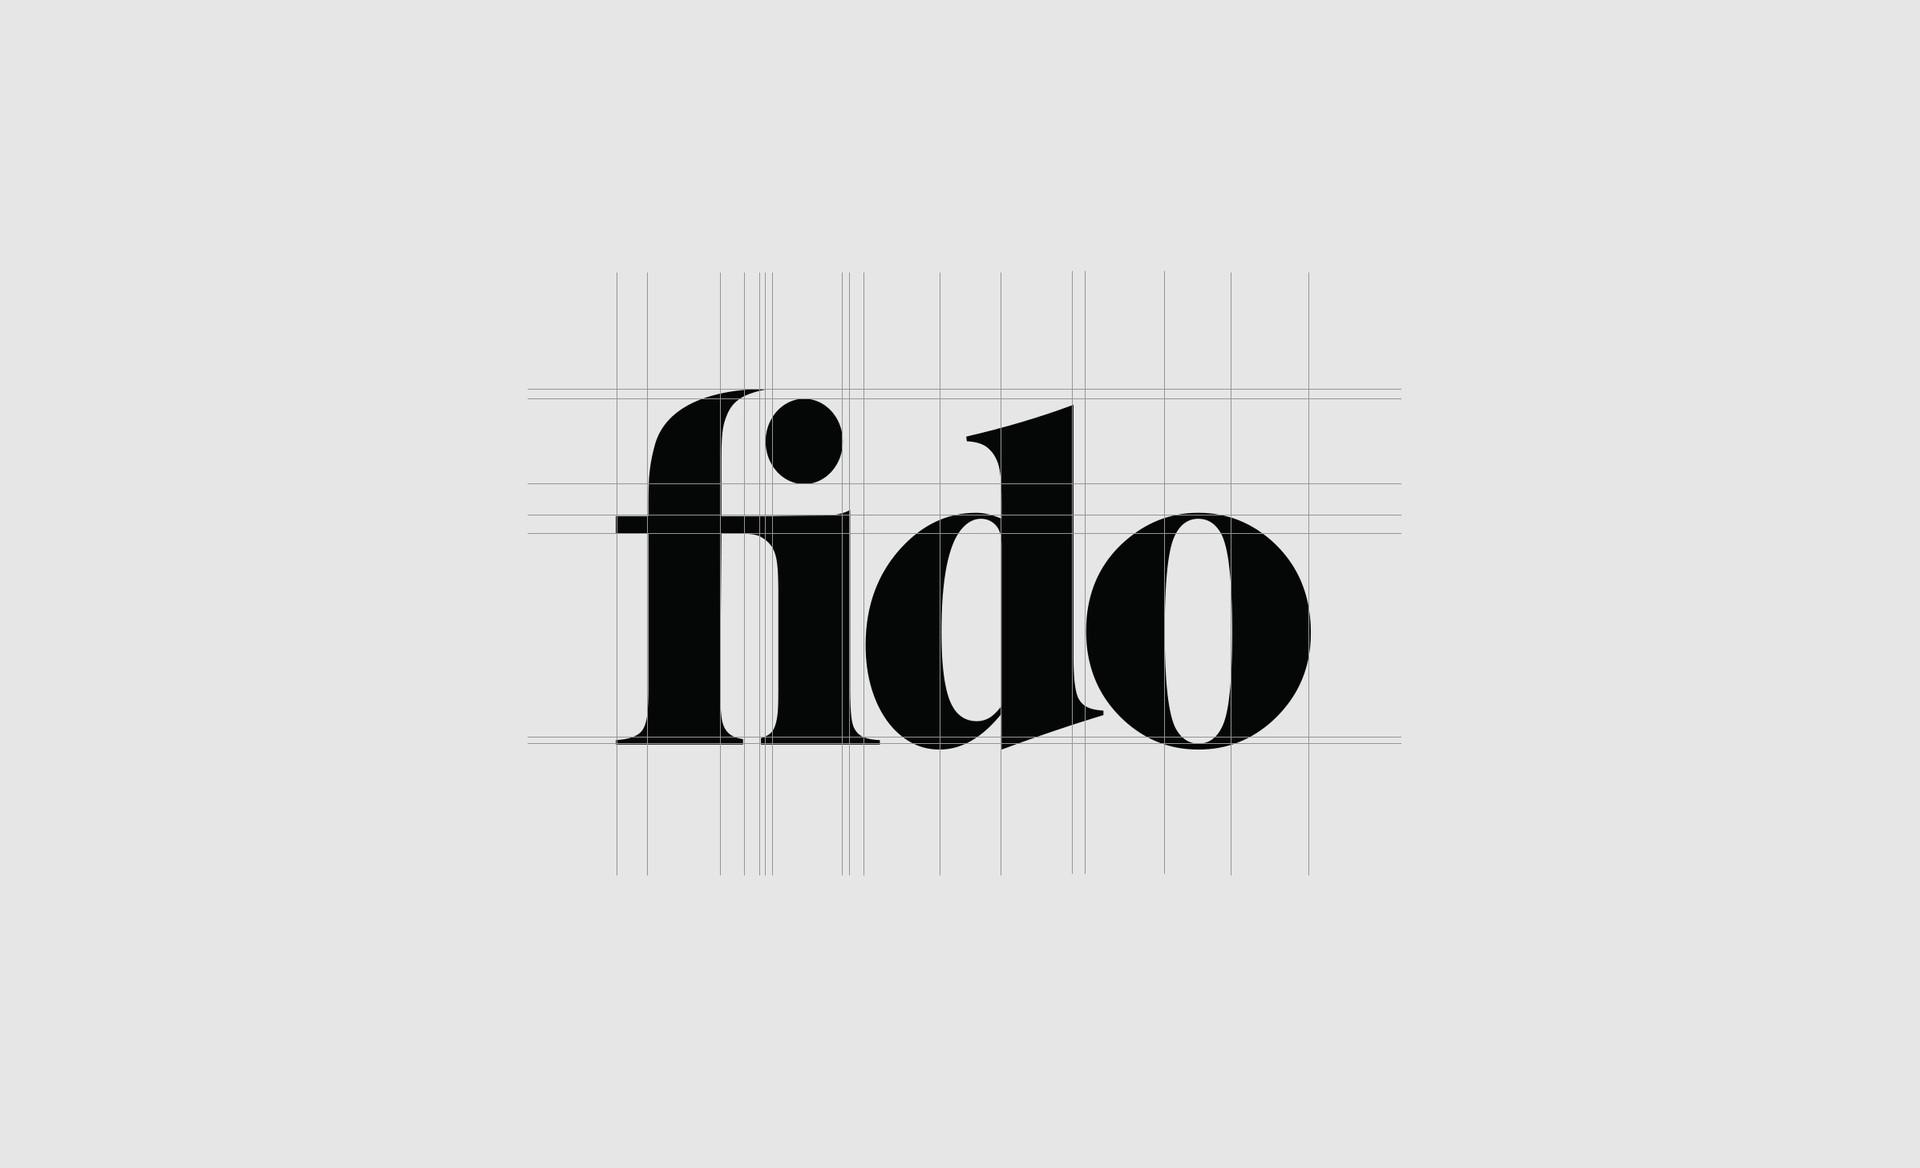 AreiaDesign-Fido-2.jpg